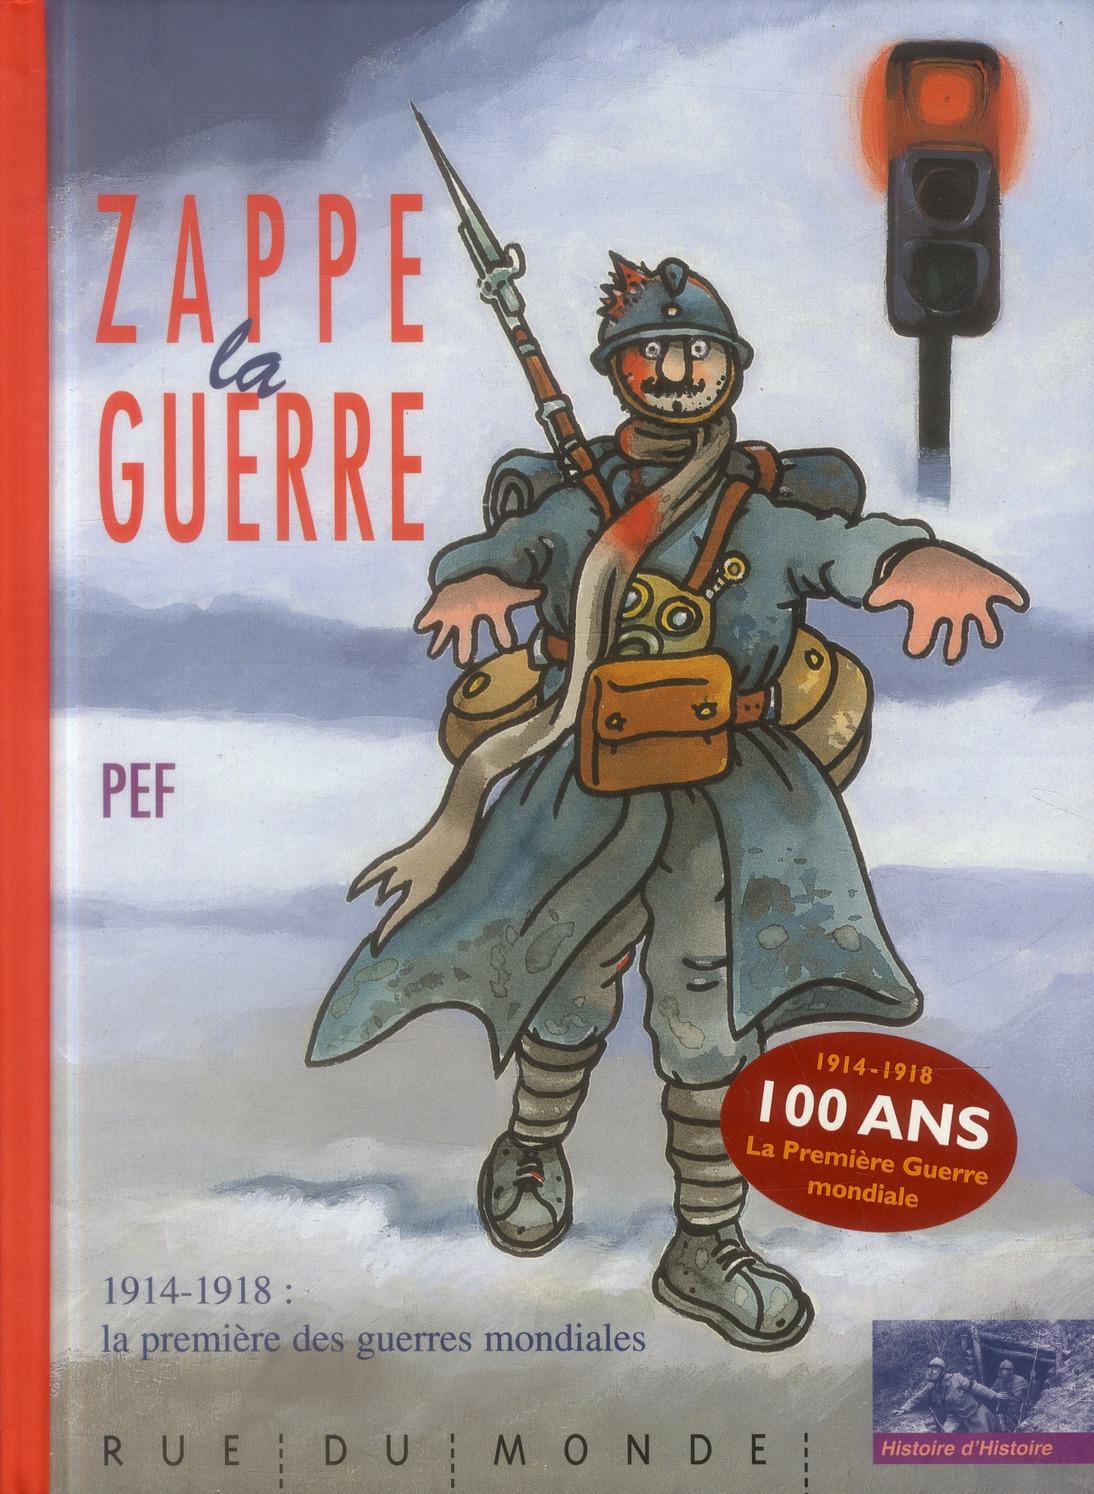 ZAPPE LA GUERRE - 1914-1918 LA GUERRE MONDIALE